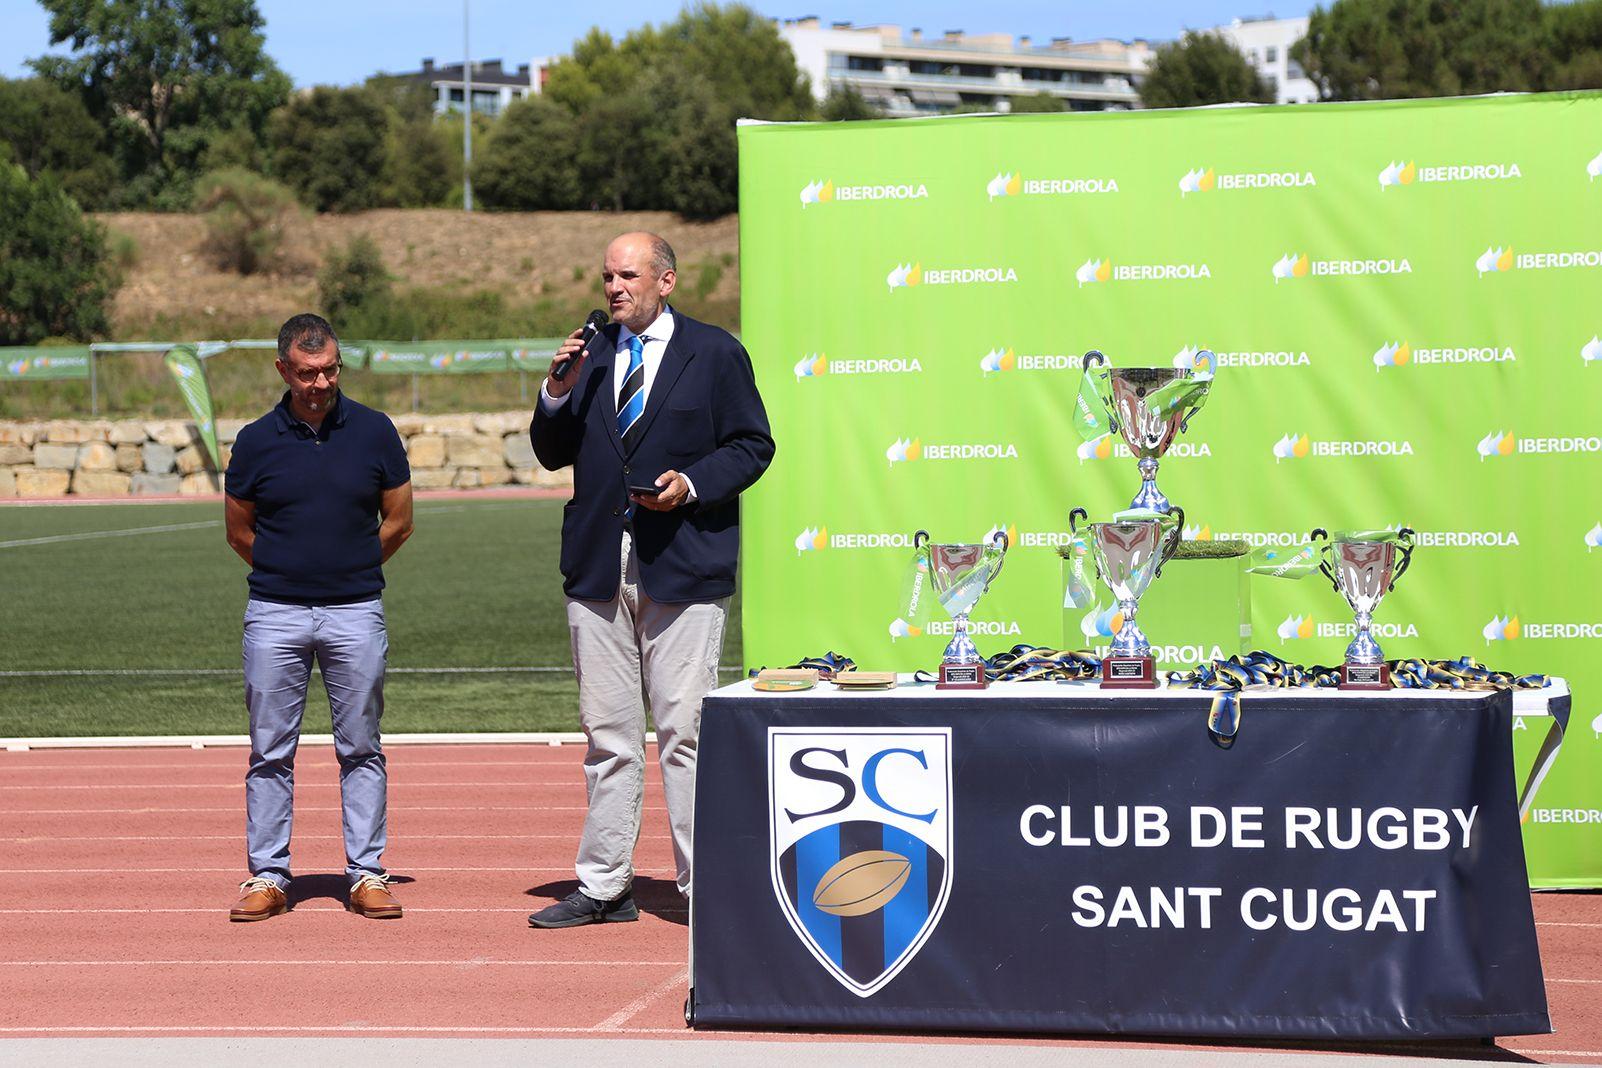 Entrega de premis de la Copa de la Reina de Rugby. Foto: Anna Bassa